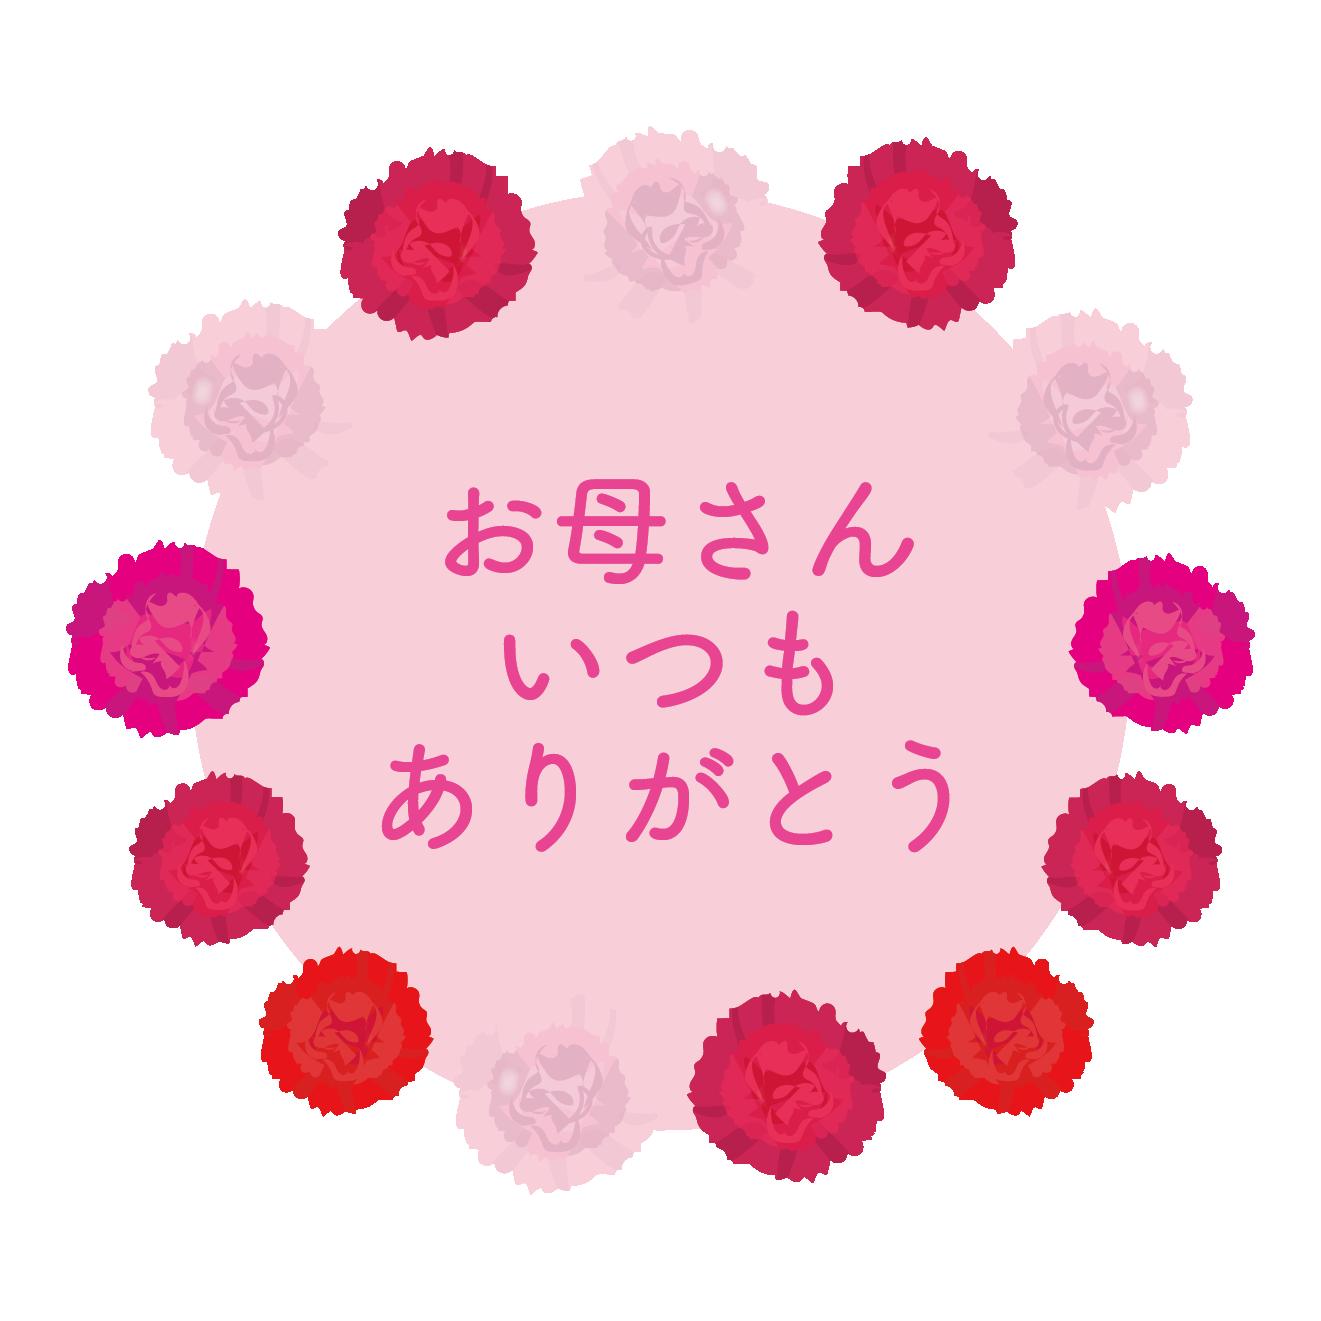 お母さん、いつもありがとう!ロゴ(文字)のイラスト【母の日